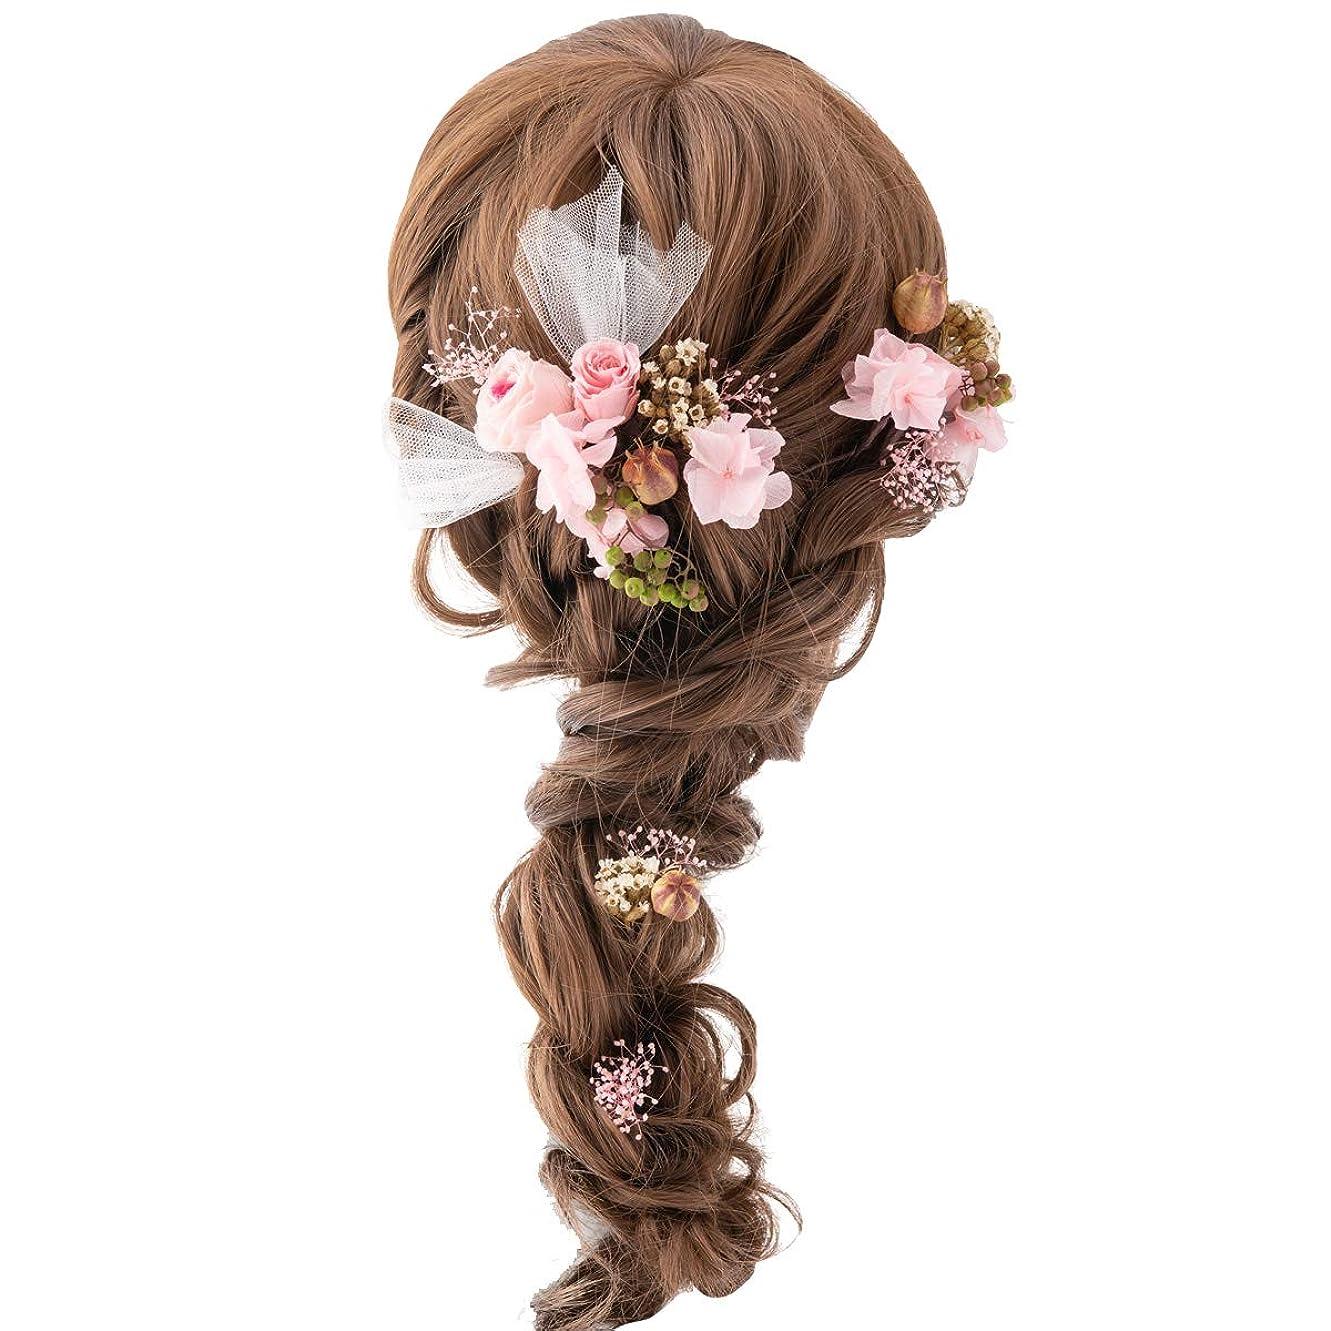 資本花火説明(ファンファン)プリザーブドフラワー ヘッドドレス 髪飾り 花 ヘアアクセサリー ウェディング ブライダル 結婚式 パーティ